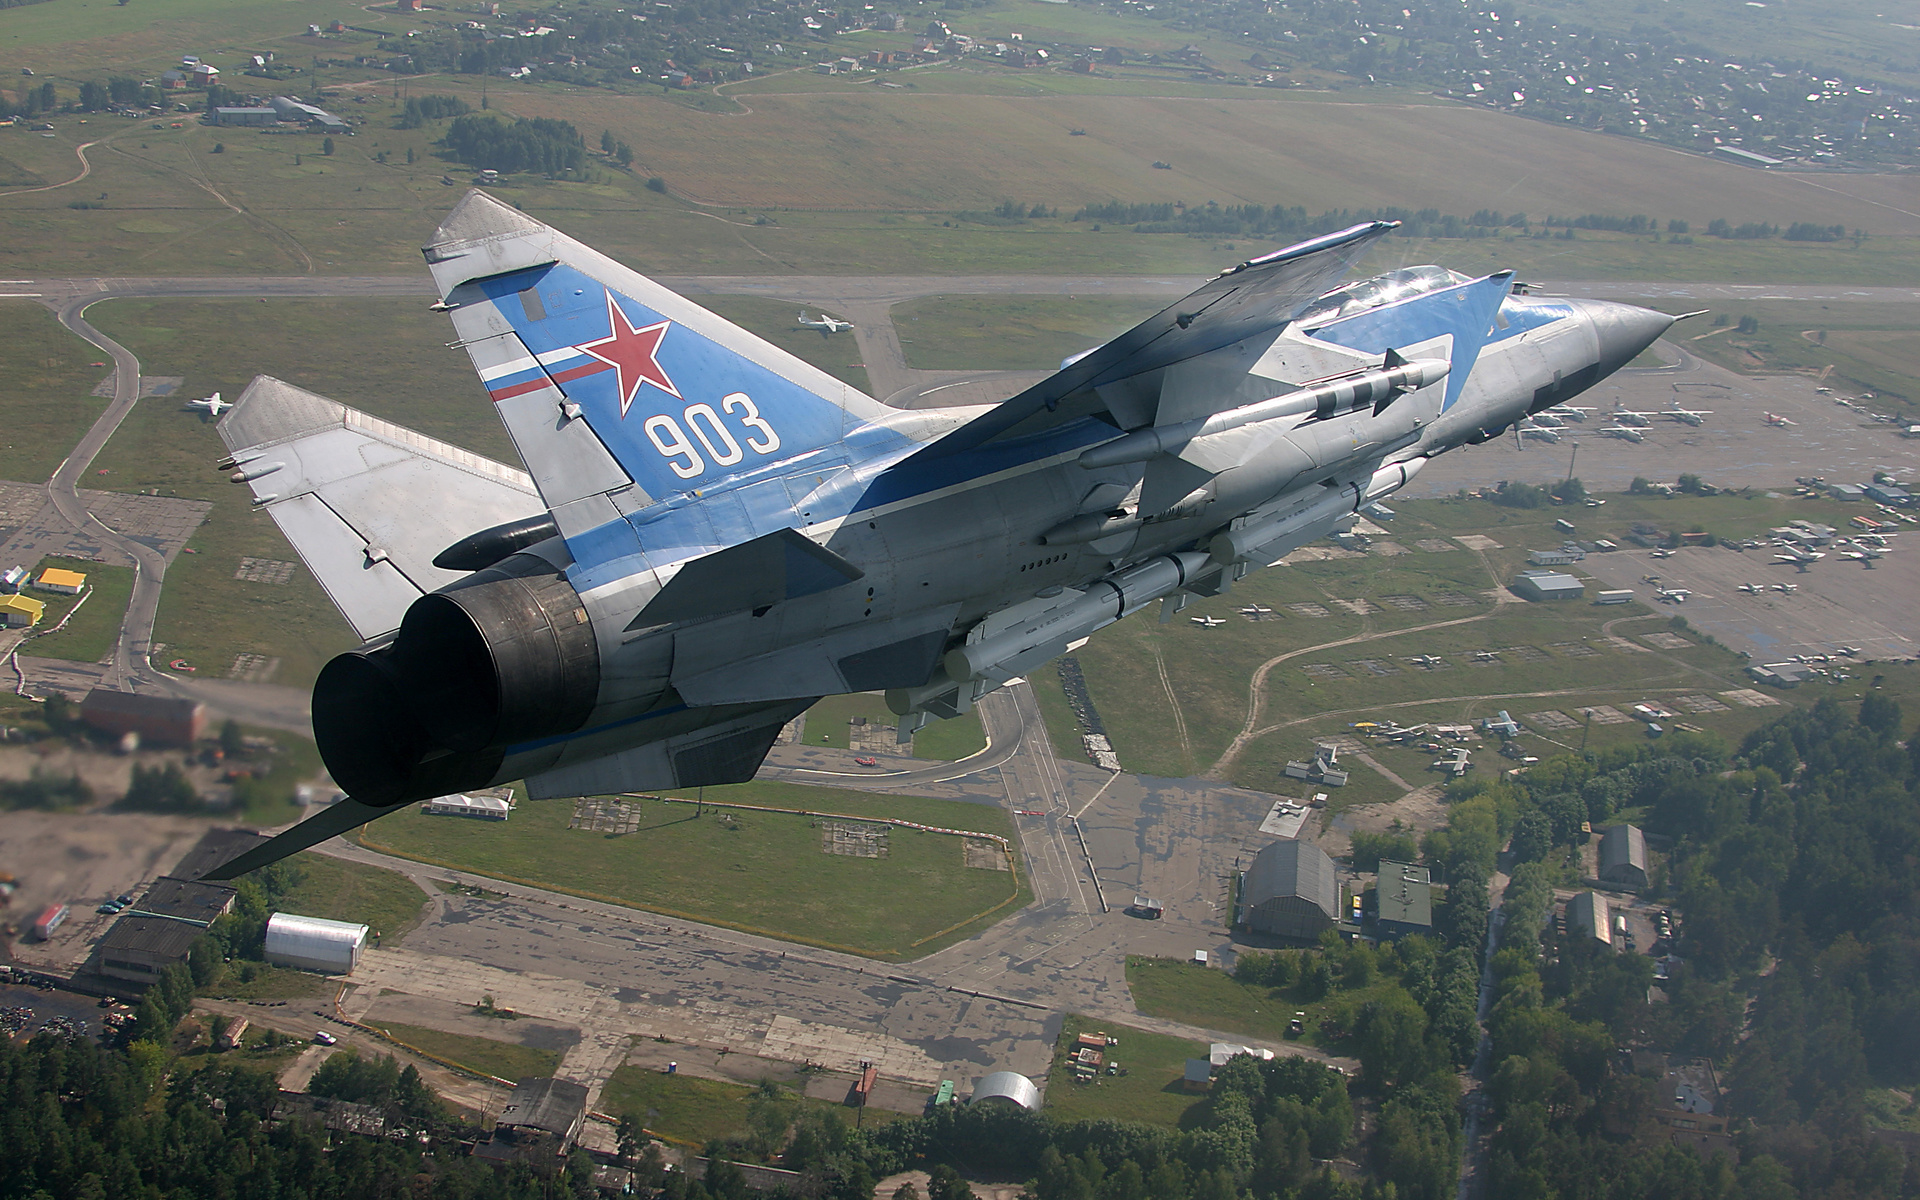 истребитель-перехватчик, самолёт, миг - 31, Миг